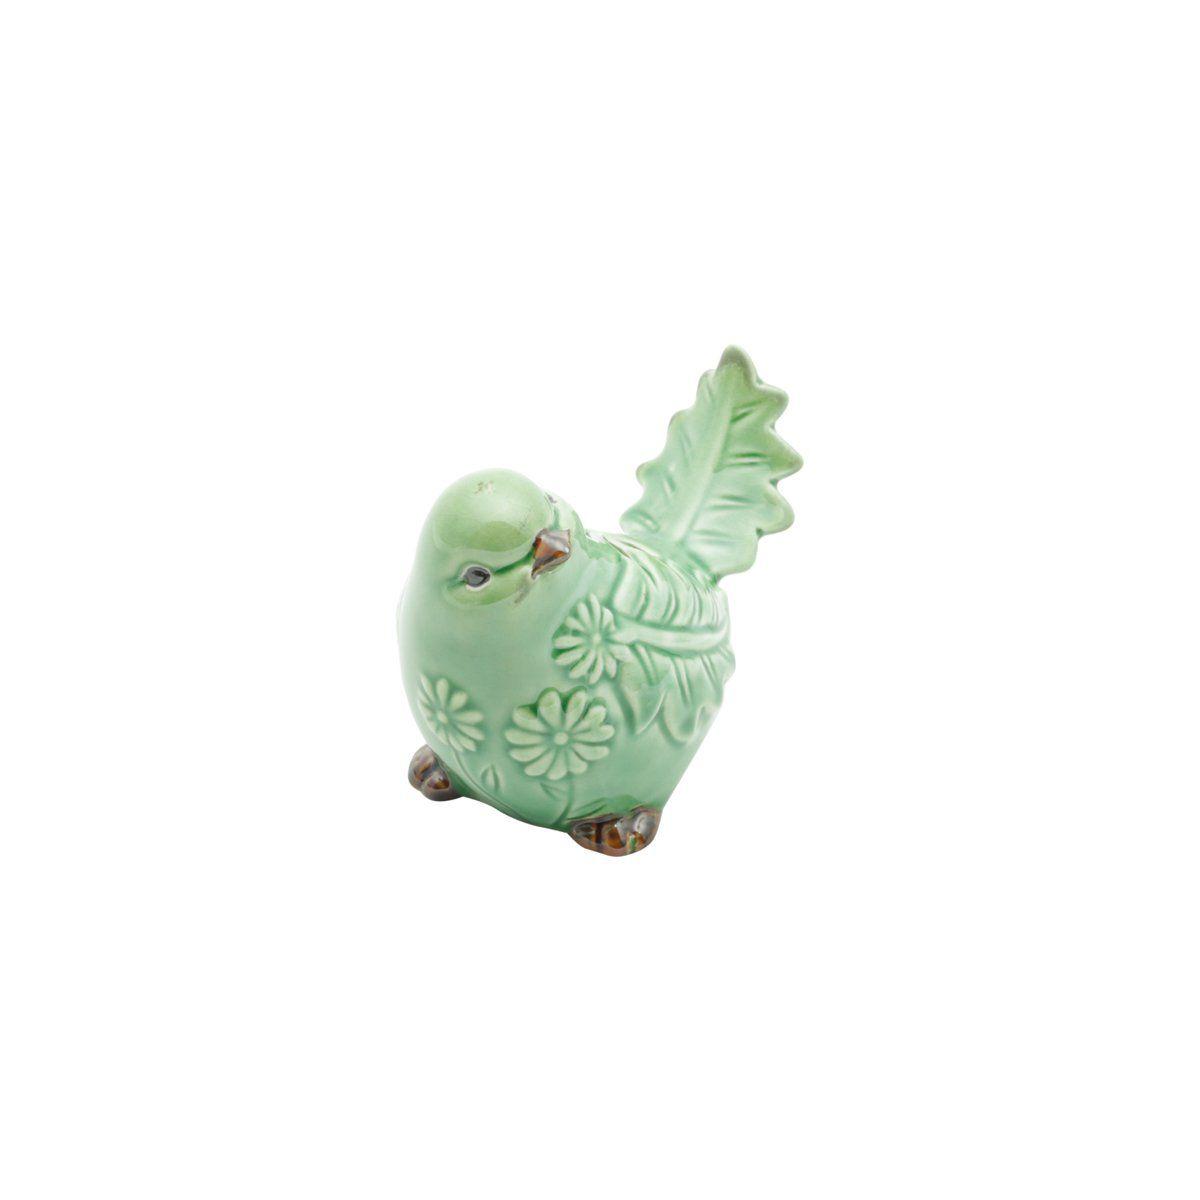 Pássaro decorativo 9,5 x 6,5 cm de cerâmica verde Amazon Lyor - L4177